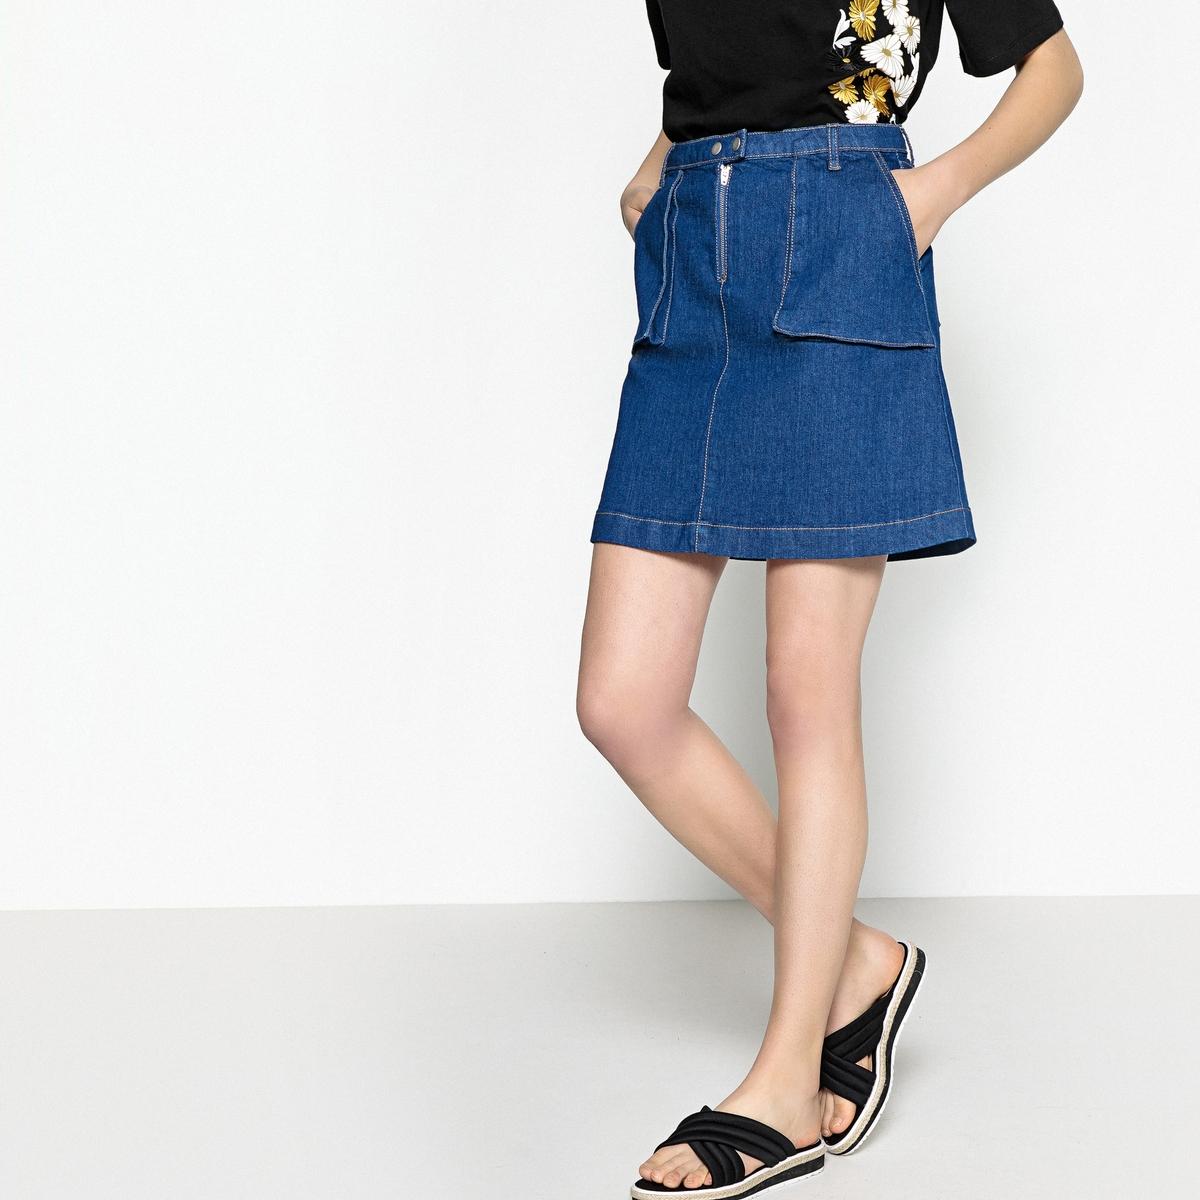 Юбка короткая из джинсовой ткани